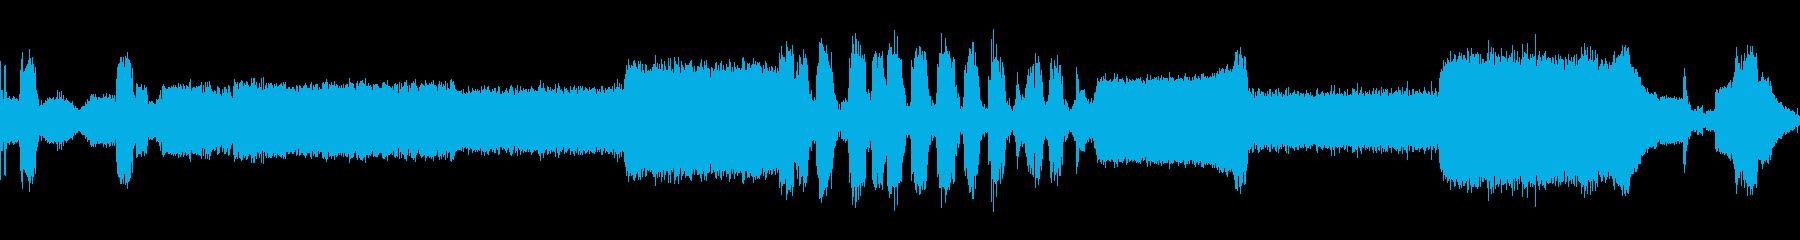 自動車ポンティアックスタートアップ回転の再生済みの波形